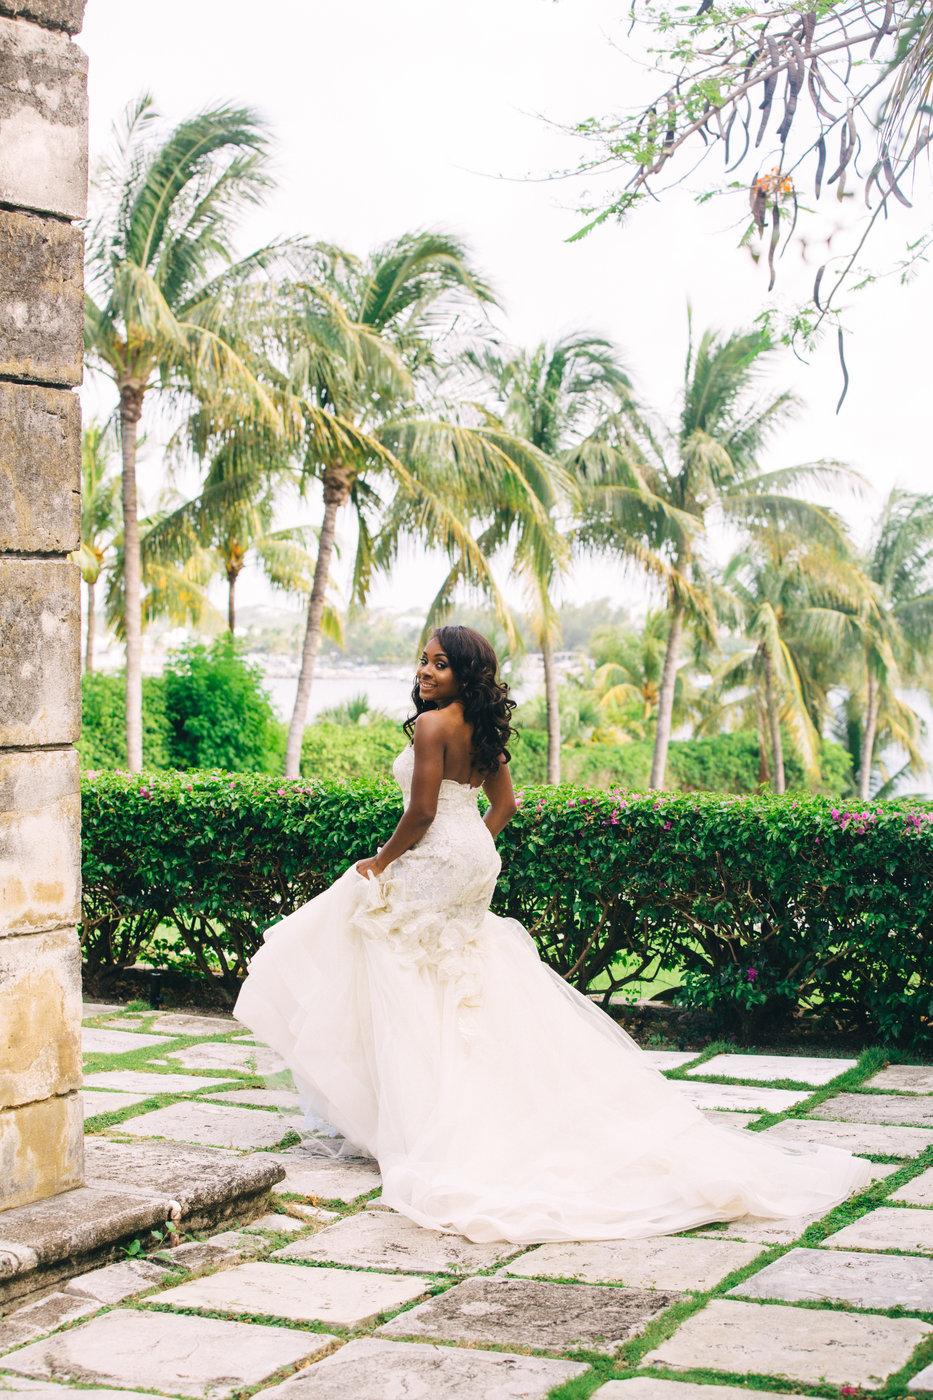 days-desti-guide-to-destination-weddings-podcast-black-destination-wedding-bride-destiland-destitv-chevita-interview-3.jpg